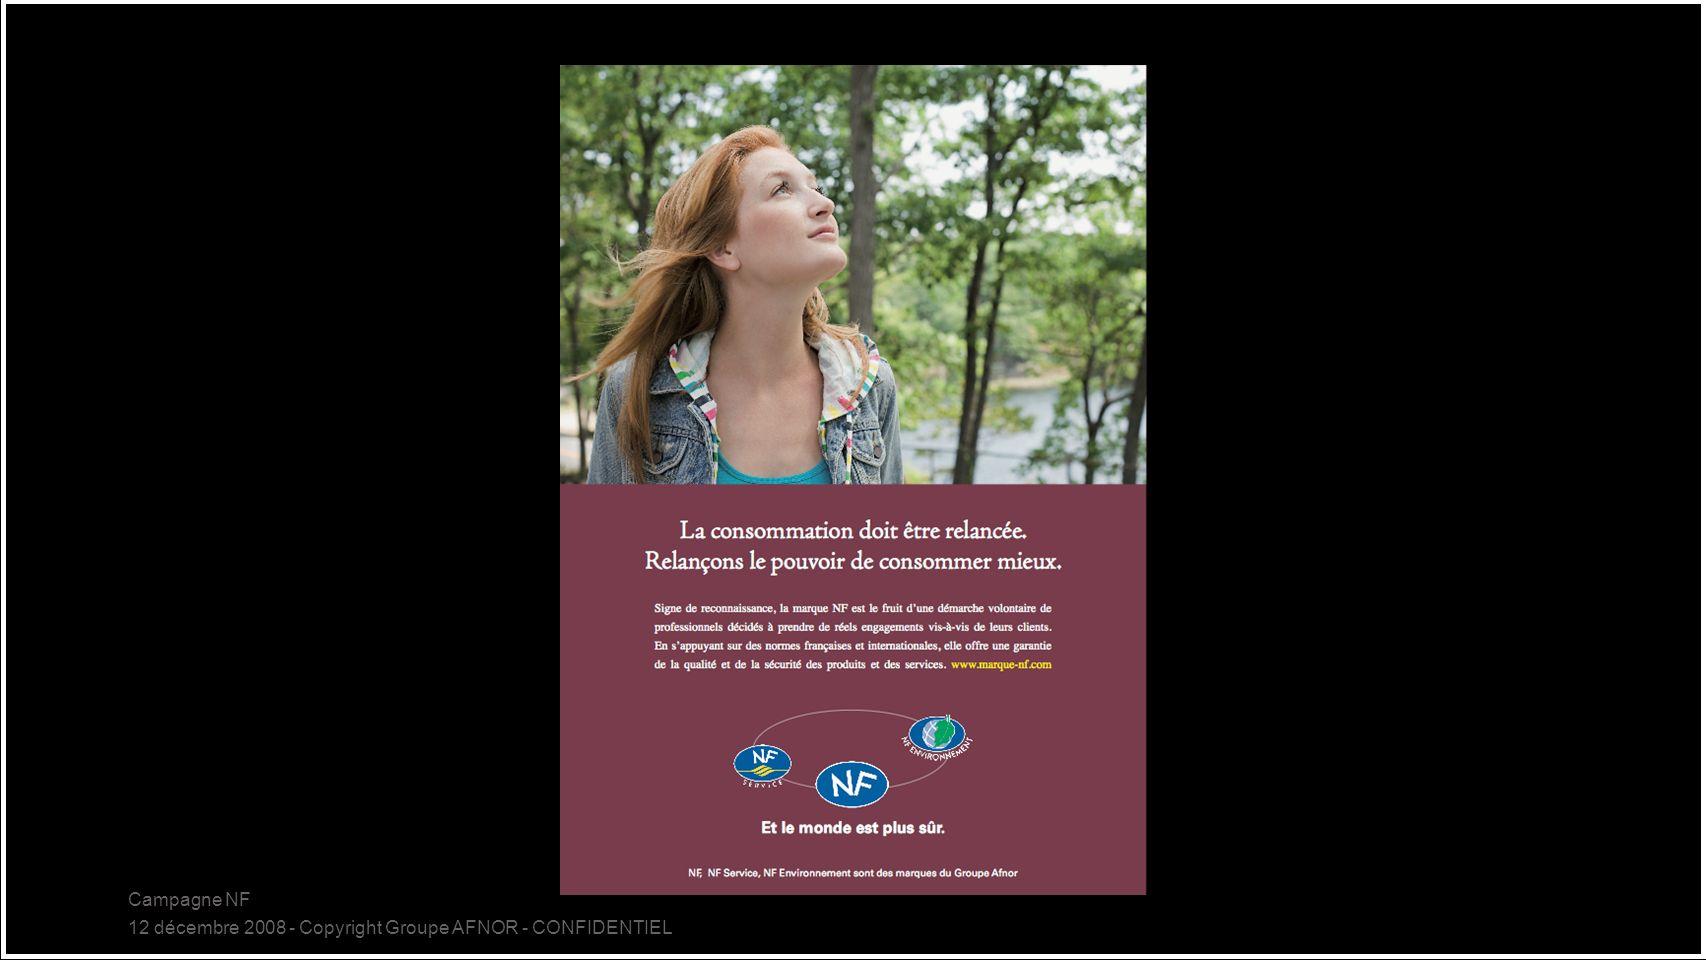 Campagne NF 12 décembre 2008 - Copyright Groupe AFNOR - CONFIDENTIEL 17